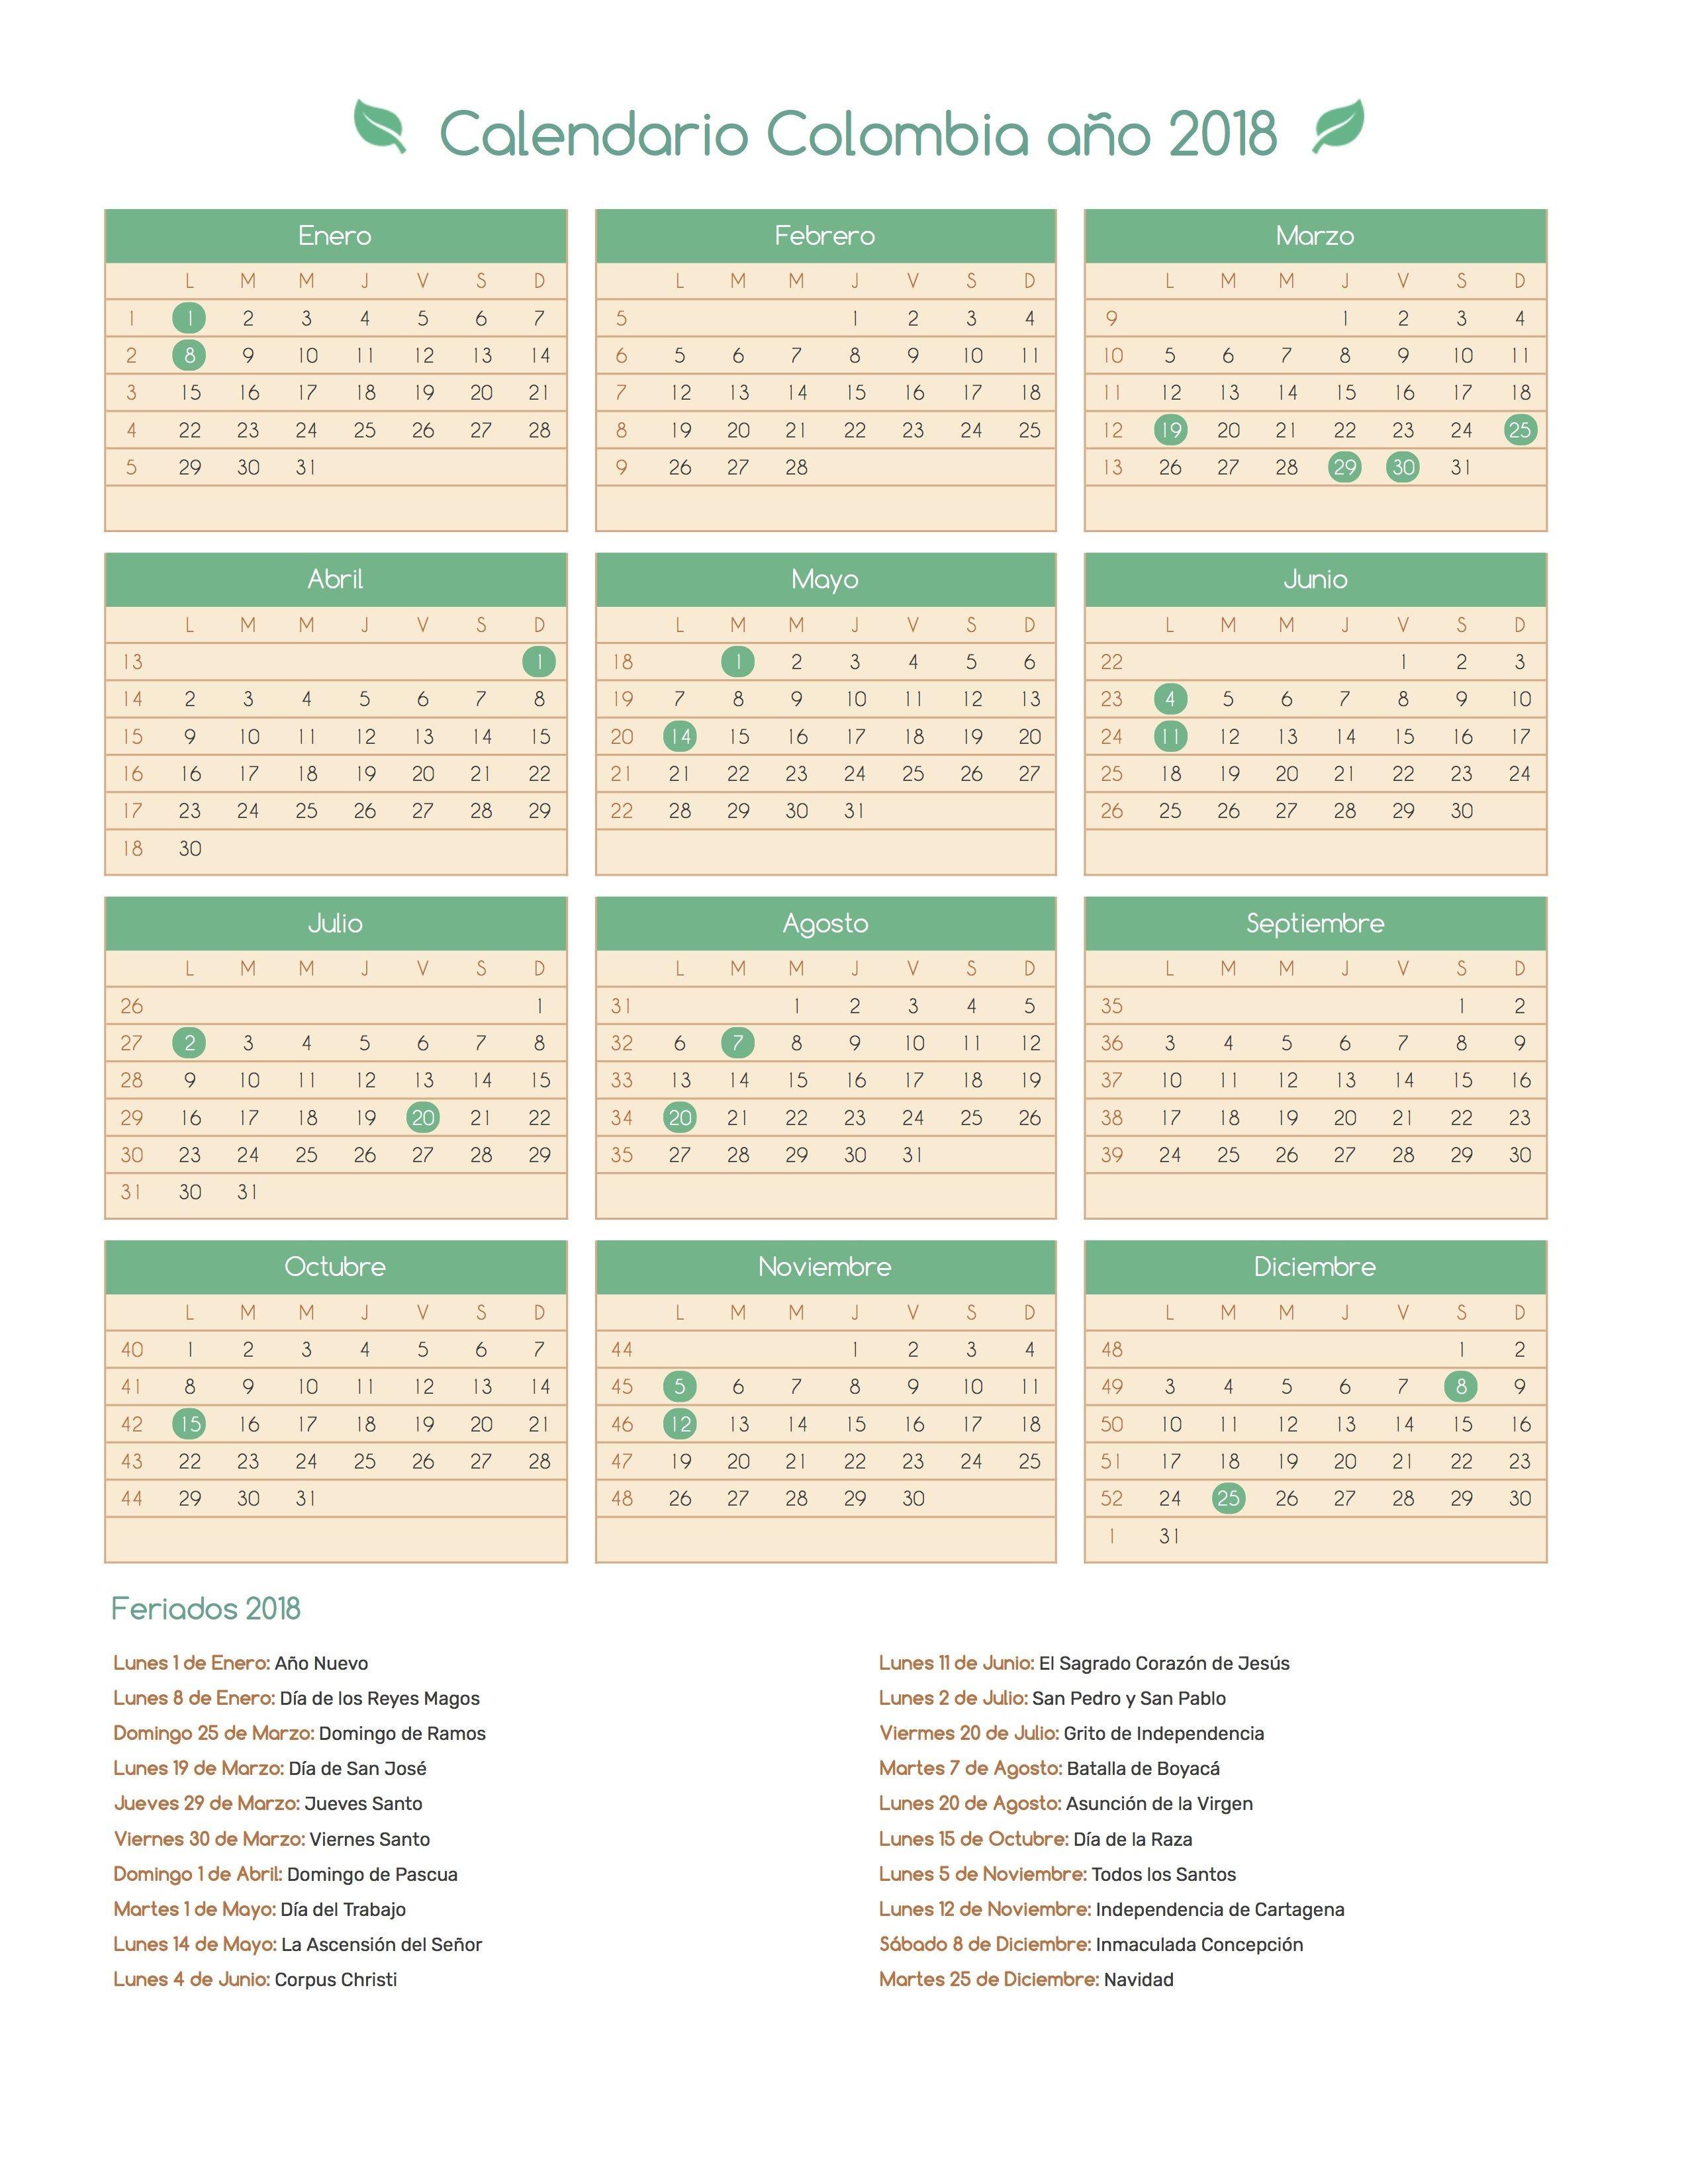 Imprimir Calendario 2017 Colombia Más Reciente Calendario 2018 Colombia Con Festivos Calendario Colombia Ao Of Imprimir Calendario 2017 Colombia Mejores Y Más Novedosos Inicio